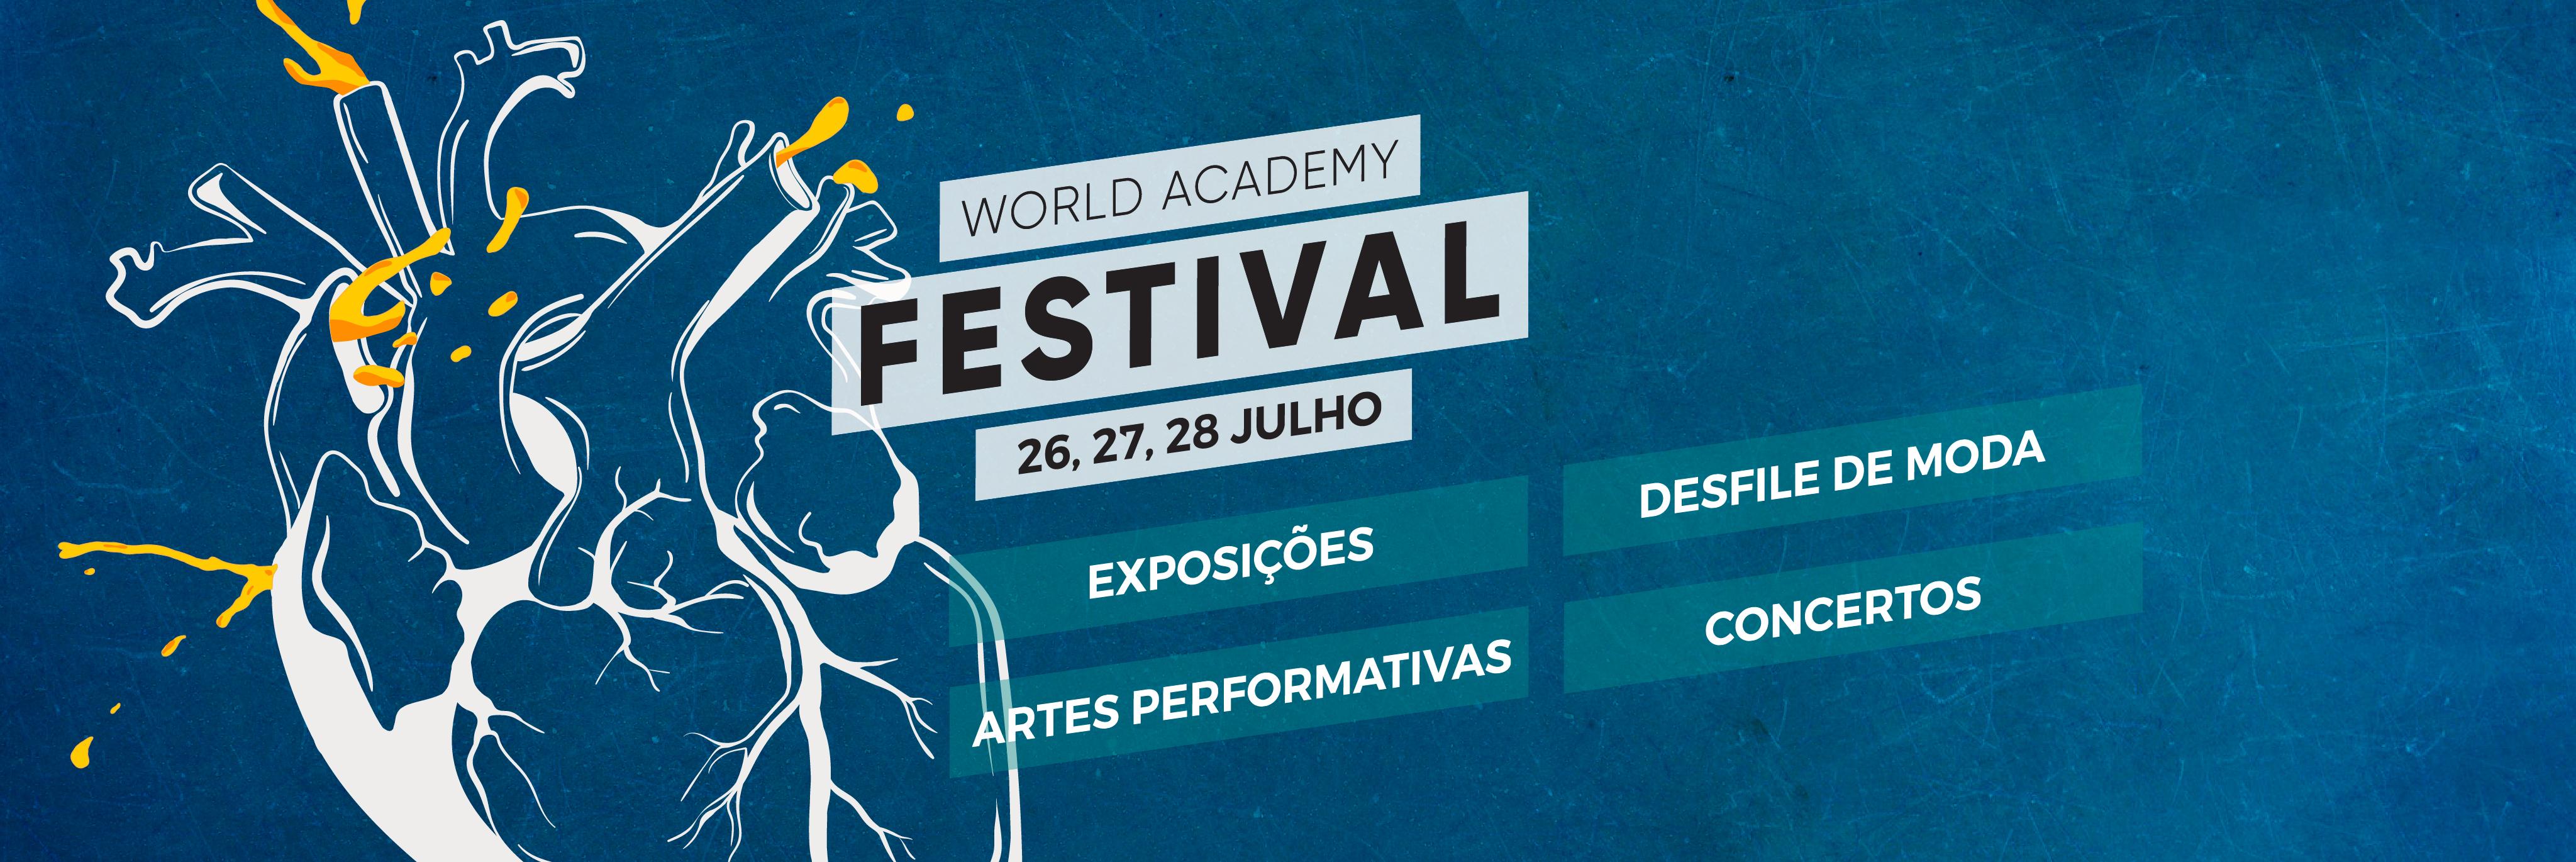 Festival World Academy 2018